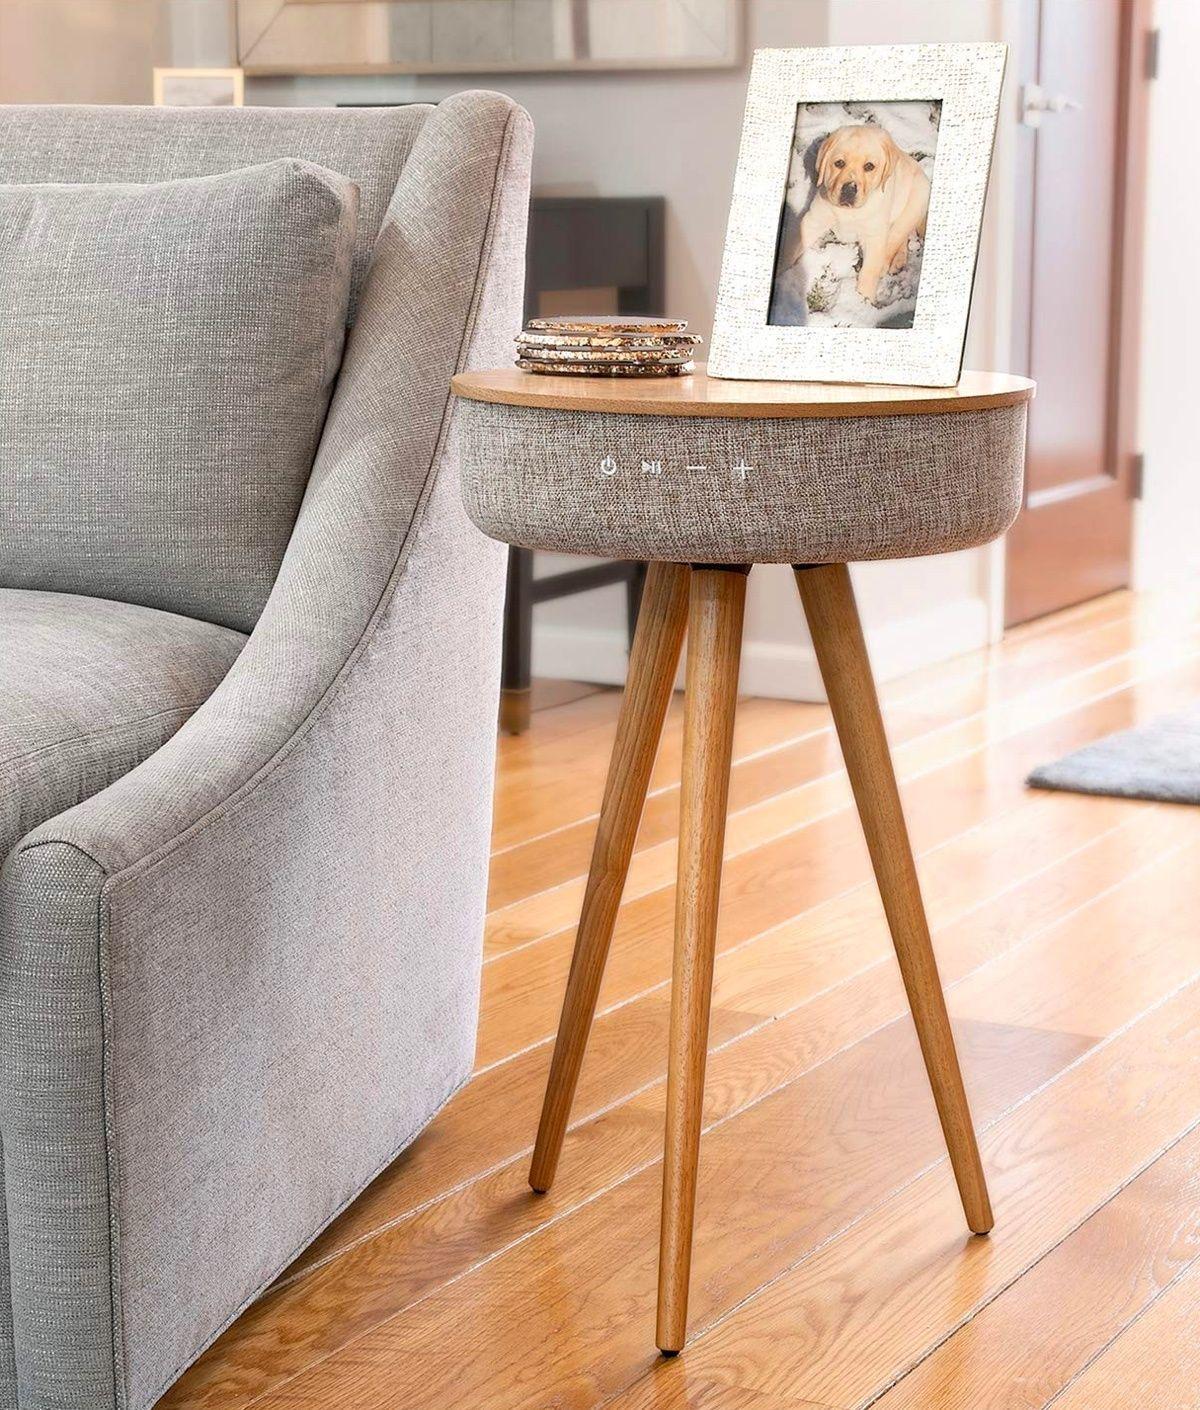 Mesita auxiliar con altavoz (IA), domótica en el hogar para una casa inteligente, tendencias interiorismo 2020, @Utrillanais